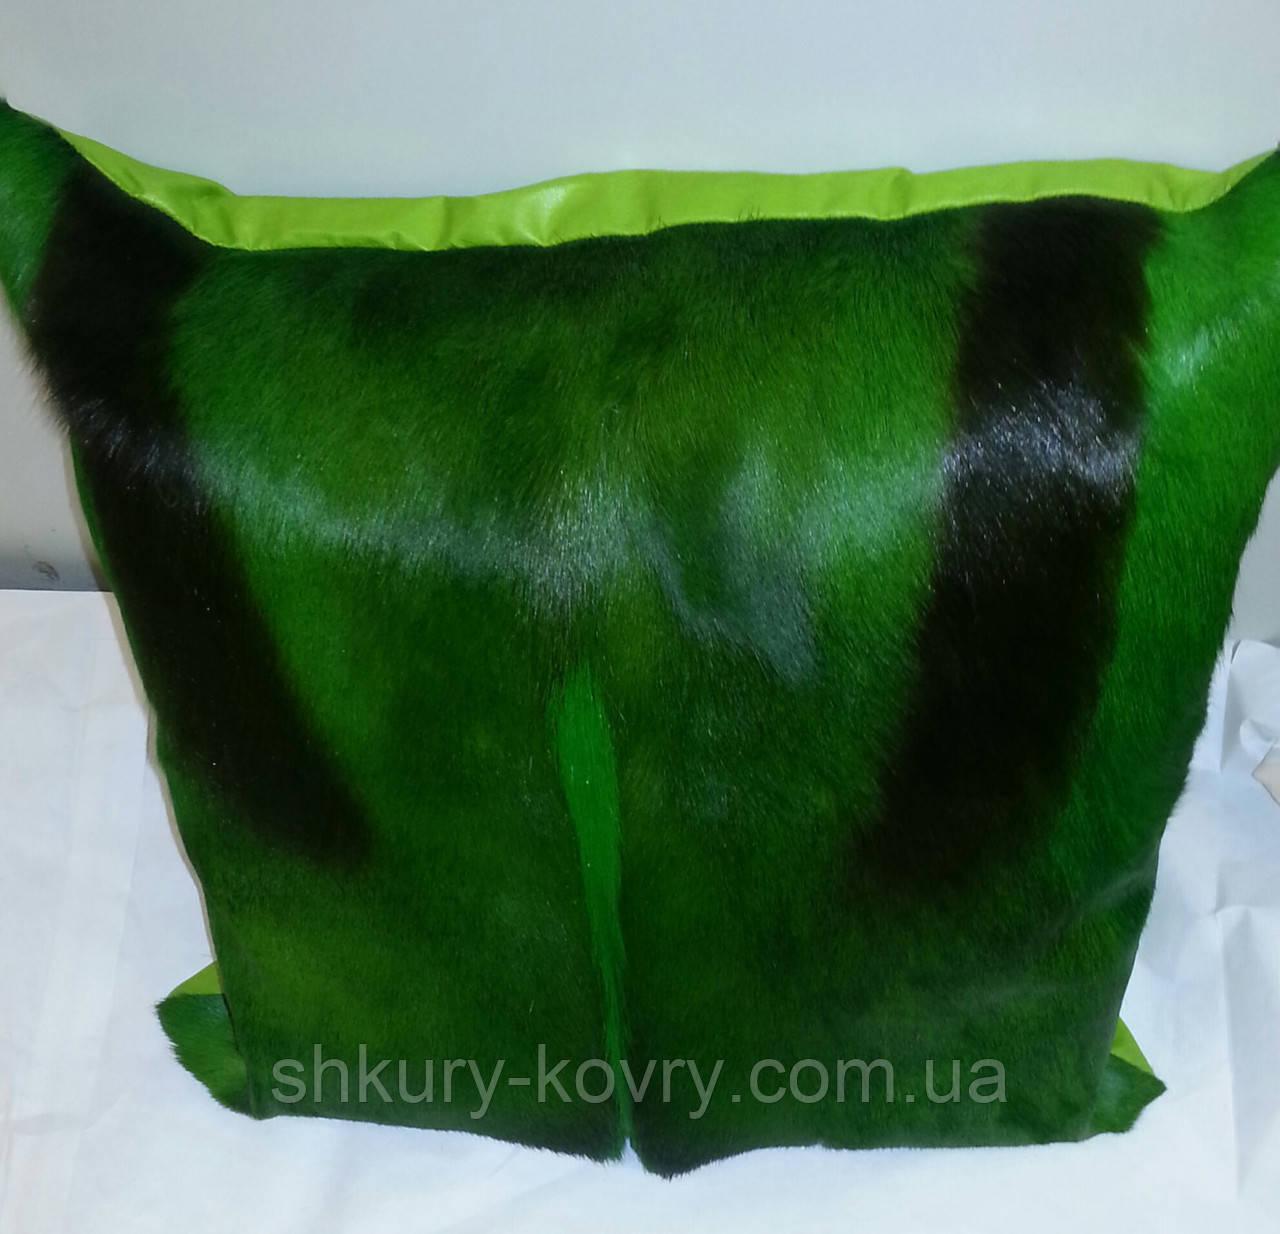 Подушка из шкуры африканской газели Спрингбок крашенная в зеленый цвет